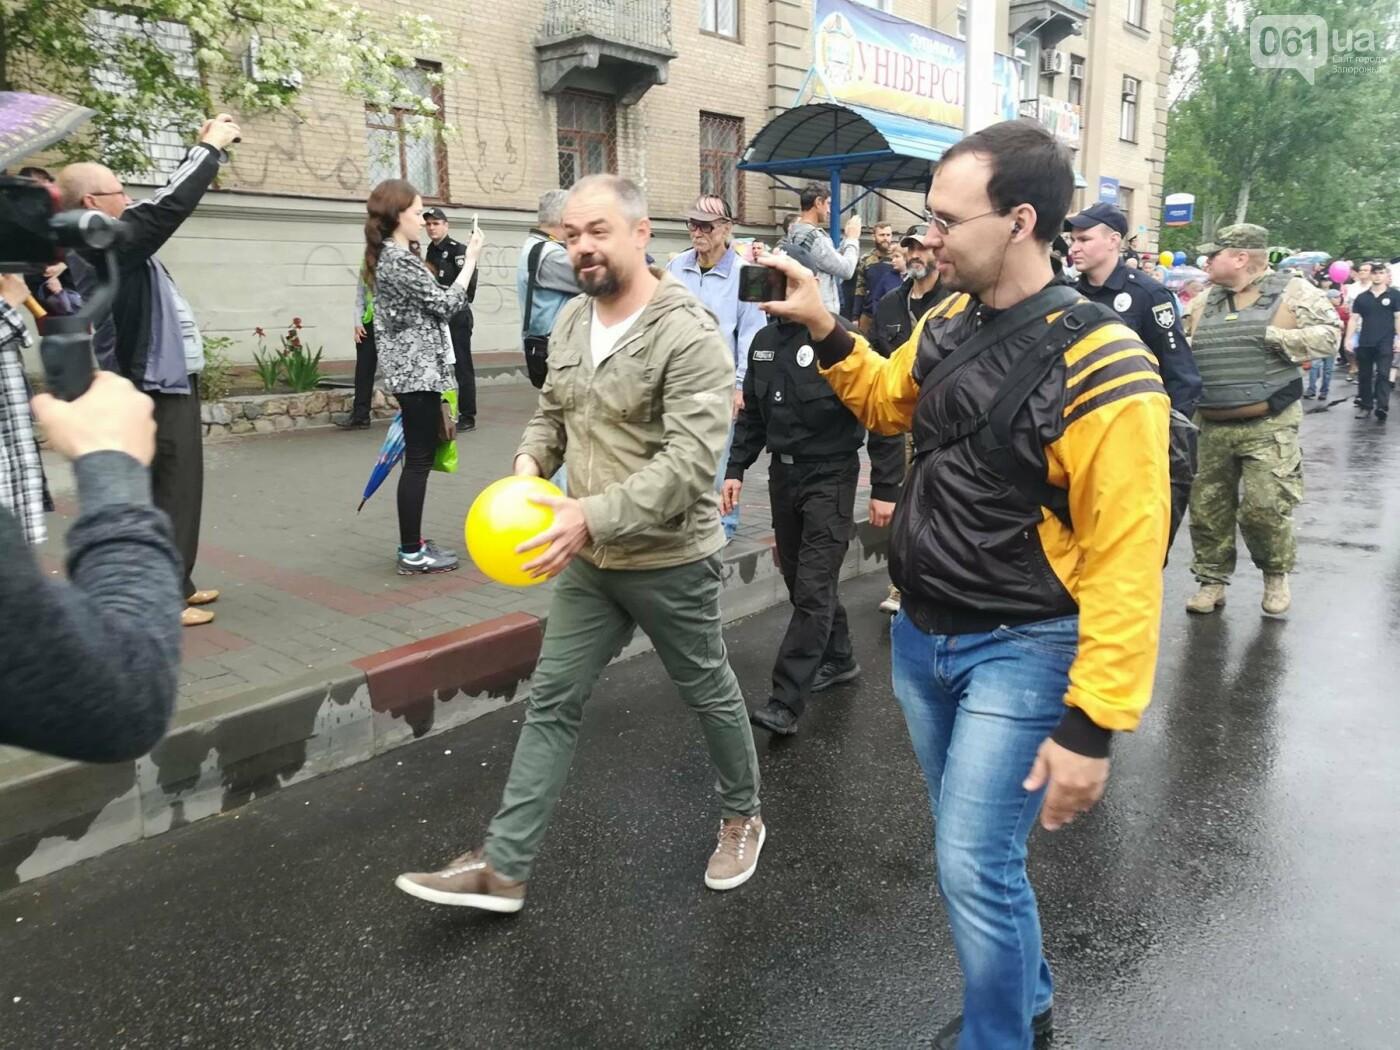 В Мелитополе митинг Балицкого закончился дракой - полиция просила снять георгиевские ленты, - ФОТО, ВИДЕО, фото-10